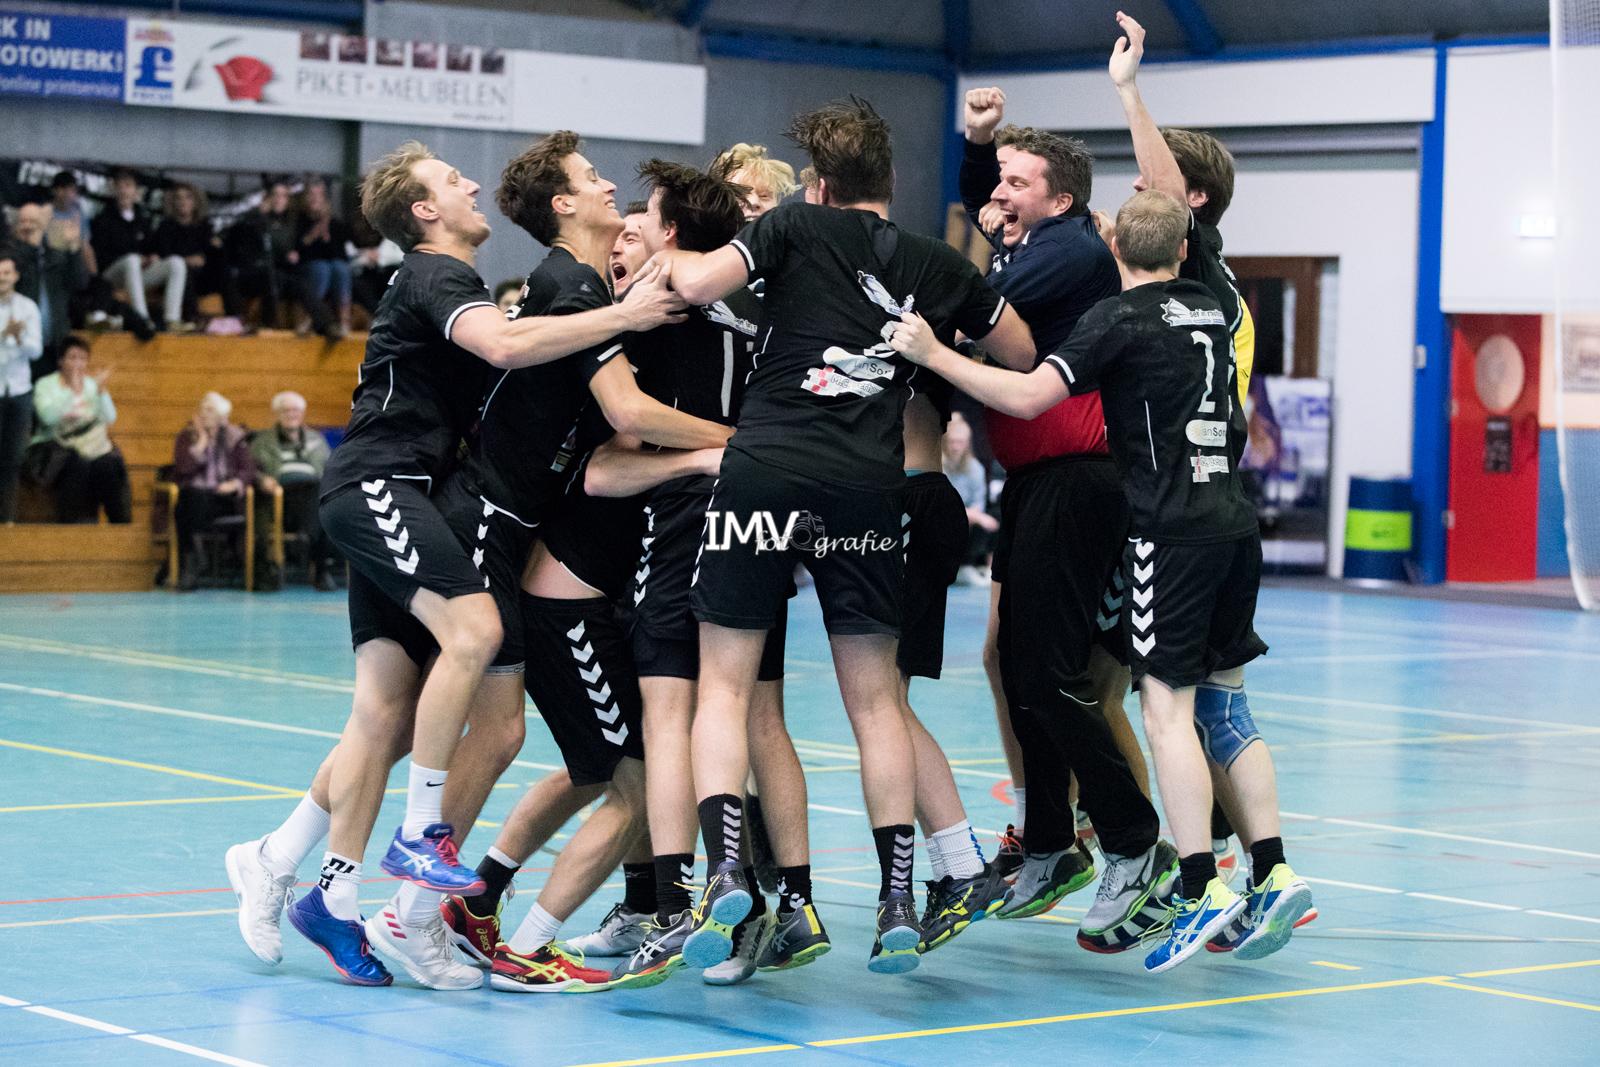 Ere Divisie heren Hellas – WHCHercules 14-12-2019 eindstand 28-29